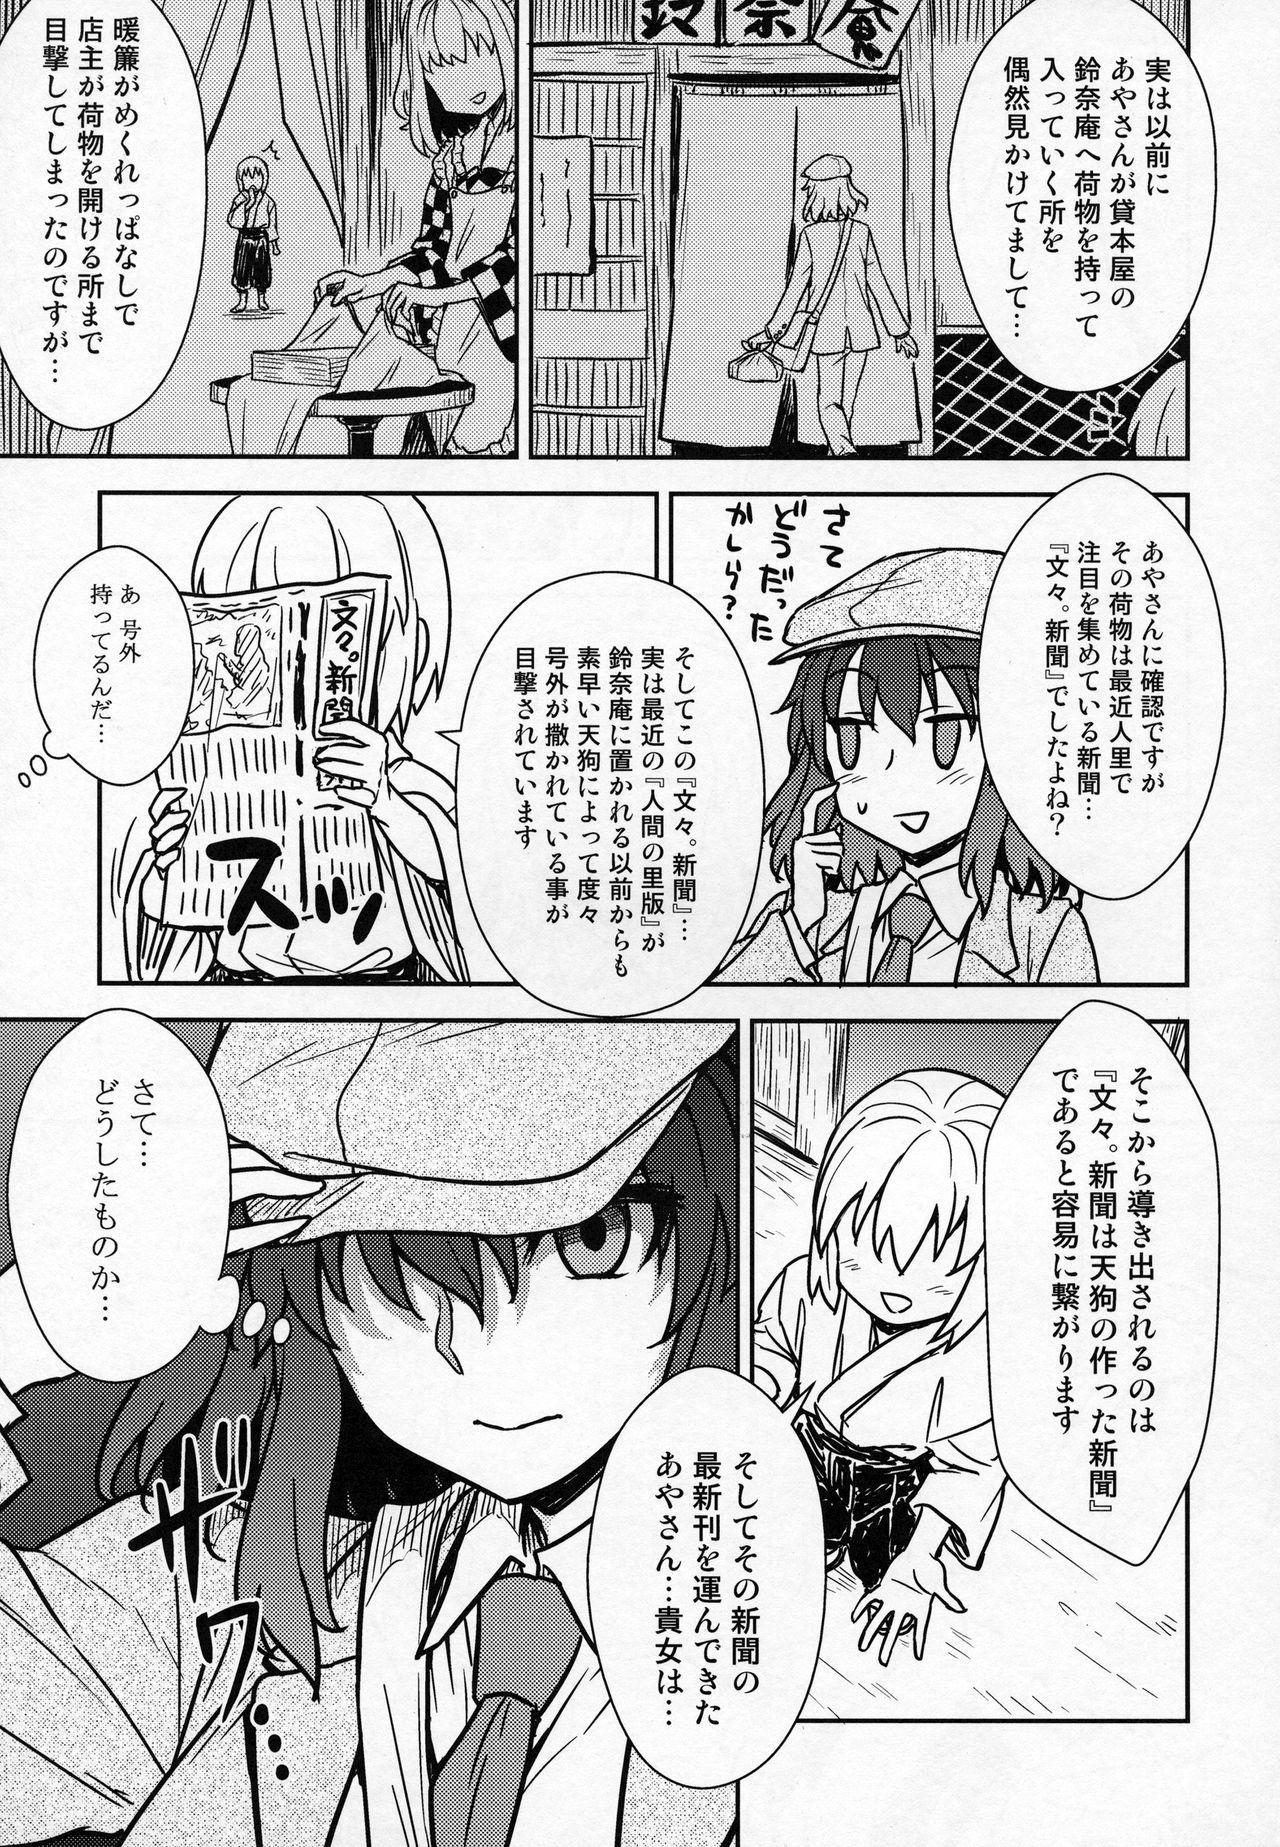 Aya-san to Himitsuzukuri 3